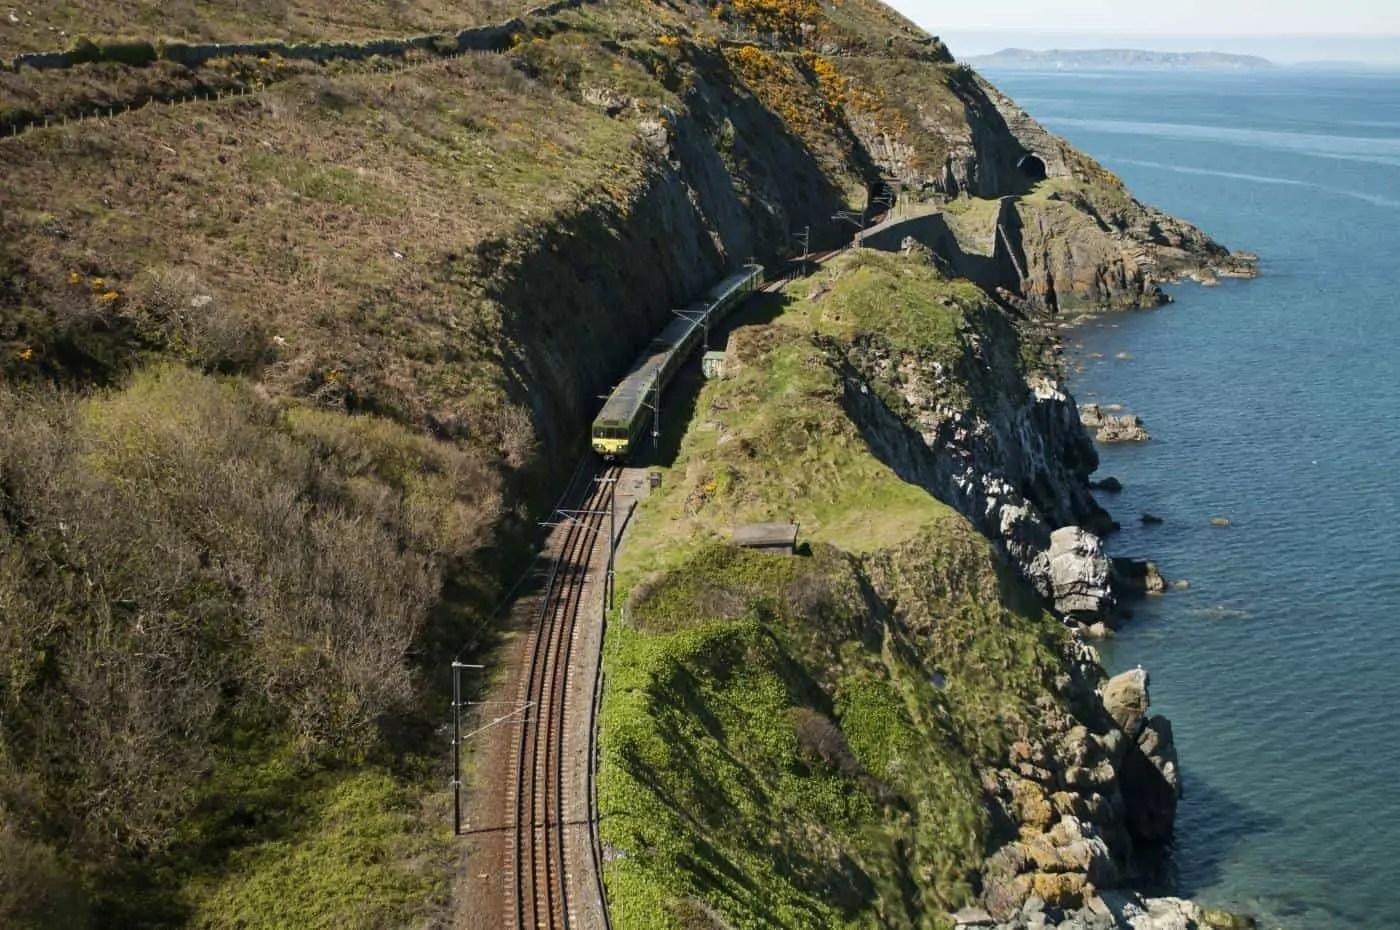 The Coastal Path follows this train route | c/o Deposit Photos